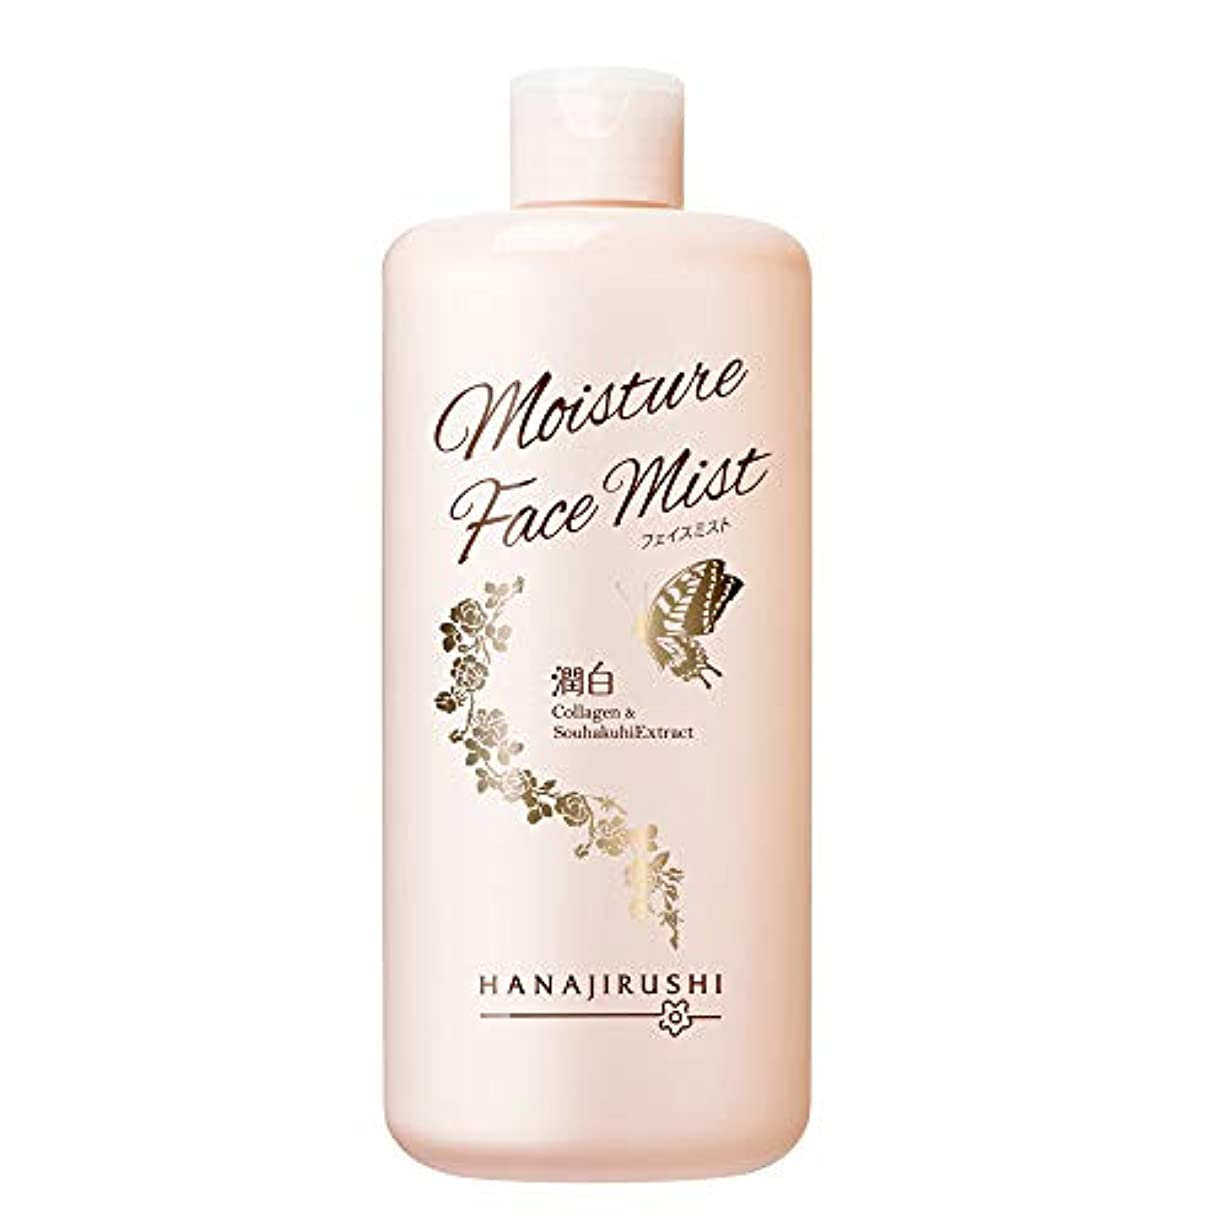 ぞっとするような衣類量で花印 ホワイト化粧水500ml 乾燥によるシミ?そばかす対策 桑白皮エキス配合